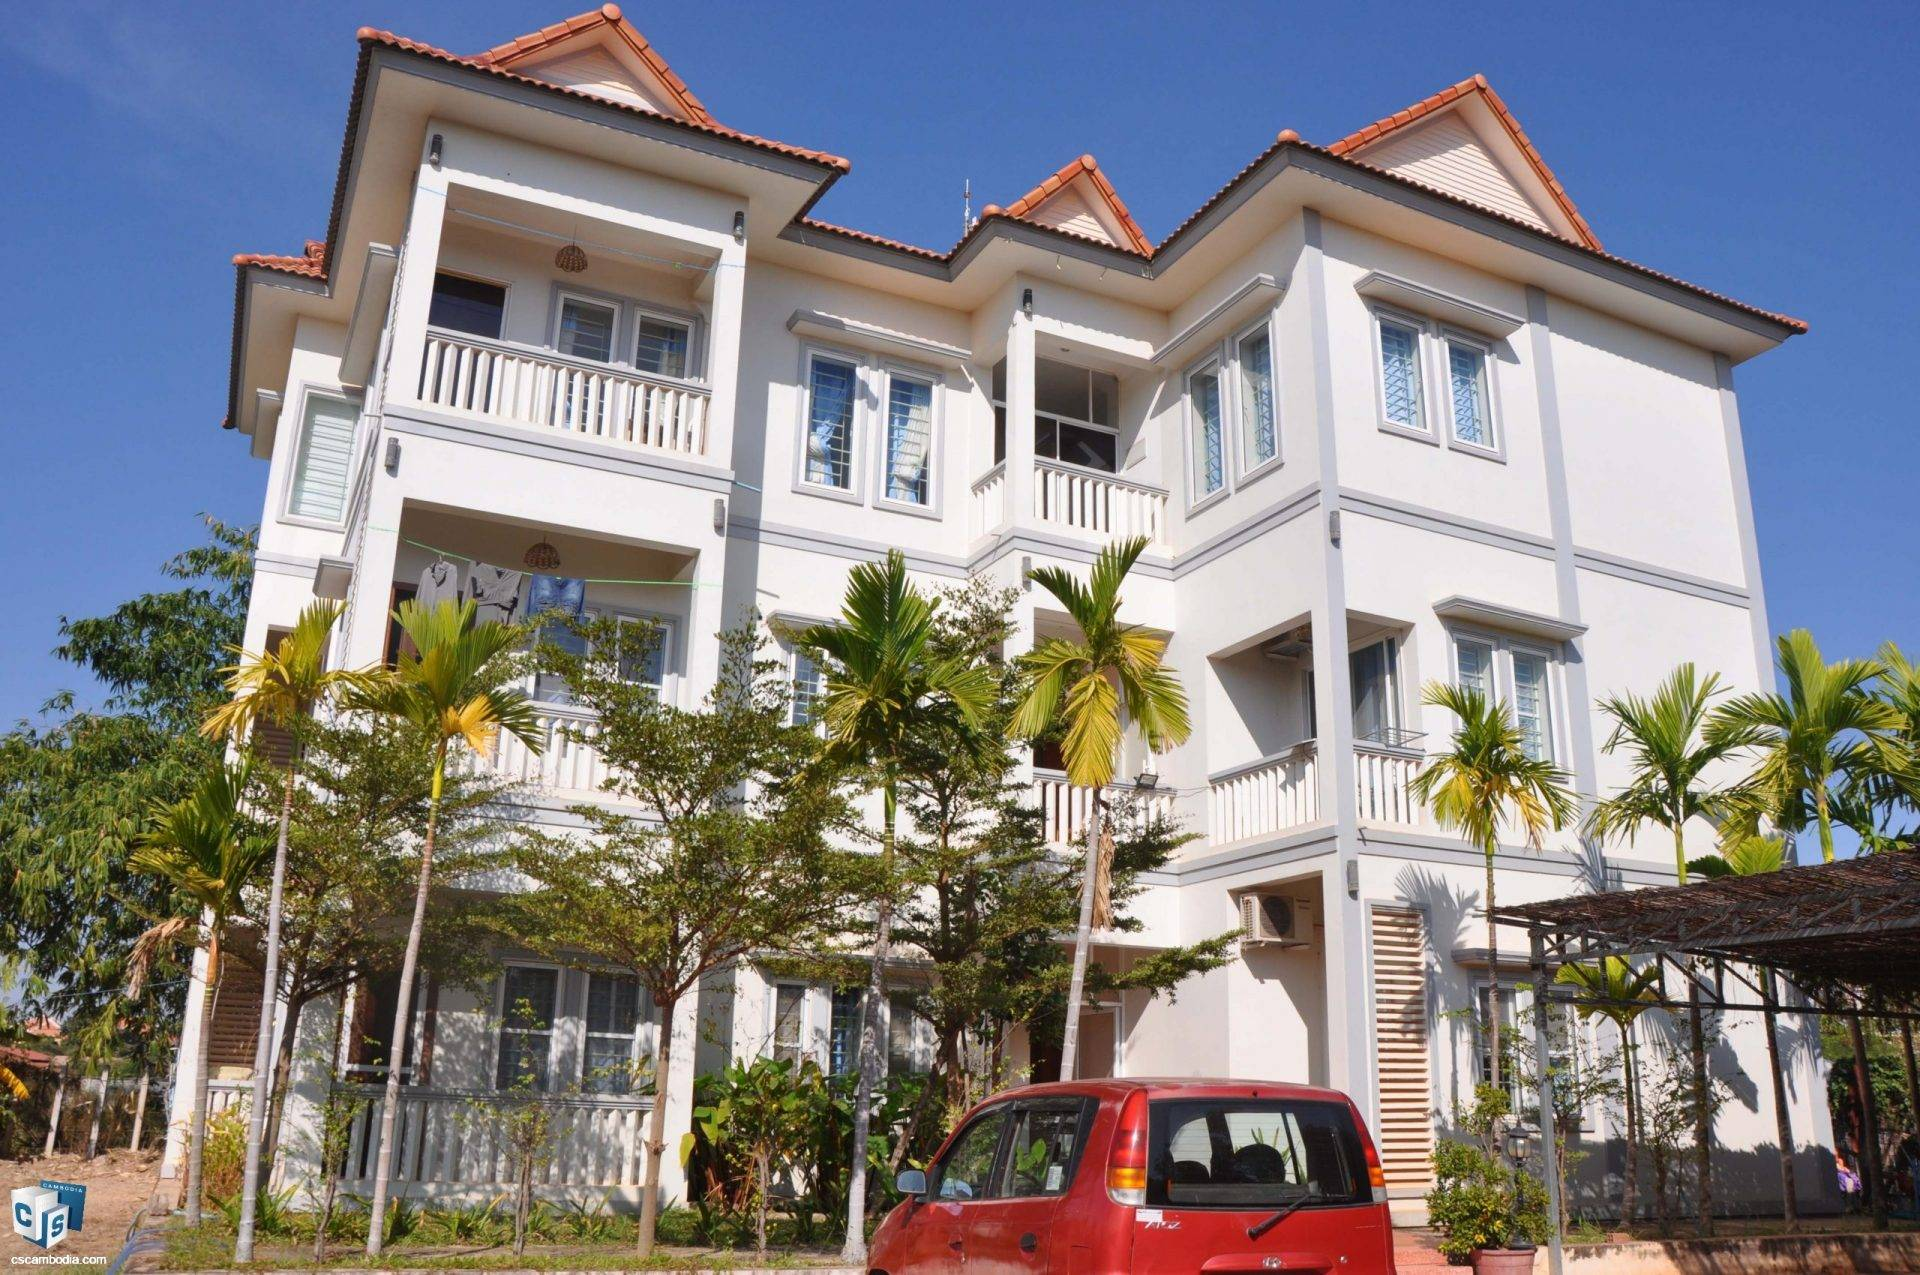 5 Unit Apartment Building  – For Rent – Svay Dangkum Commune – Siem Reap